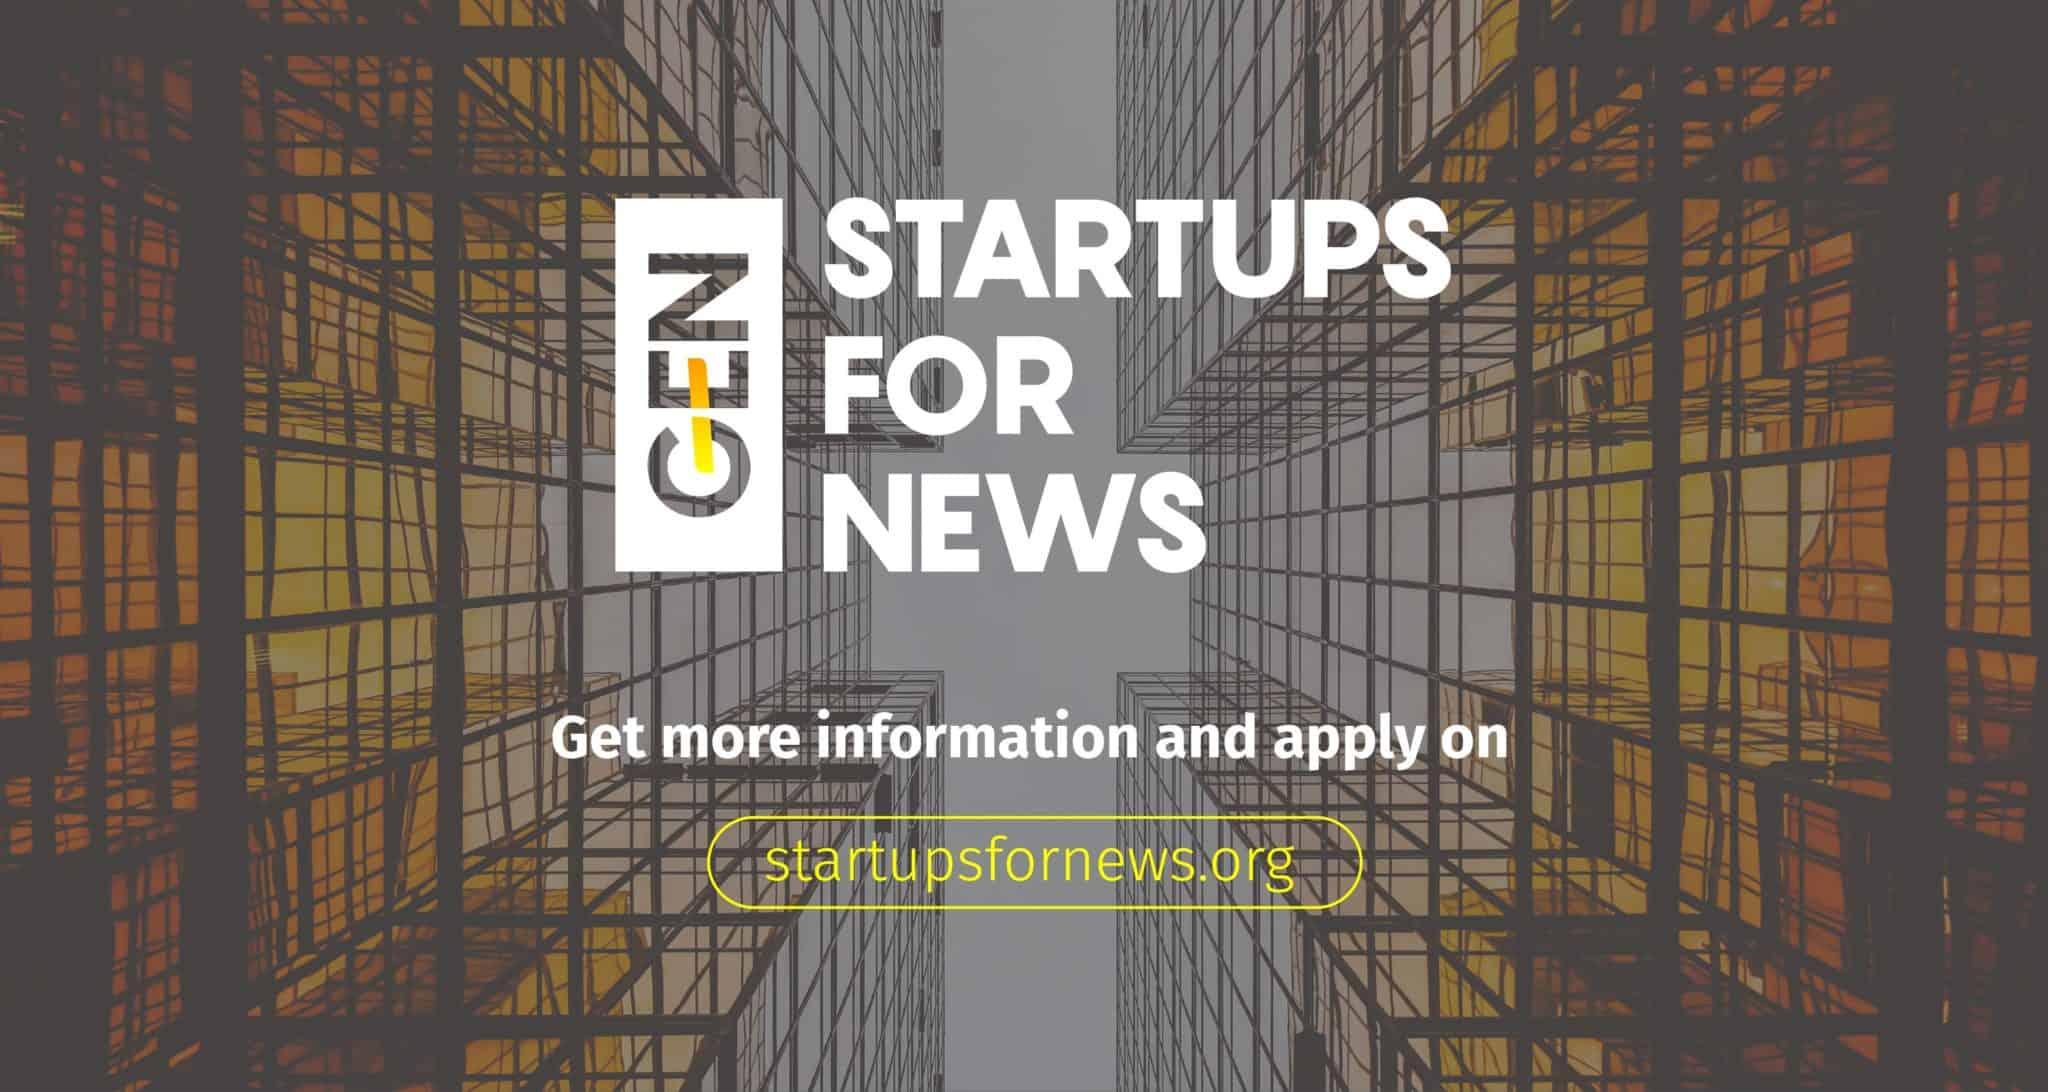 Startups for News 2018